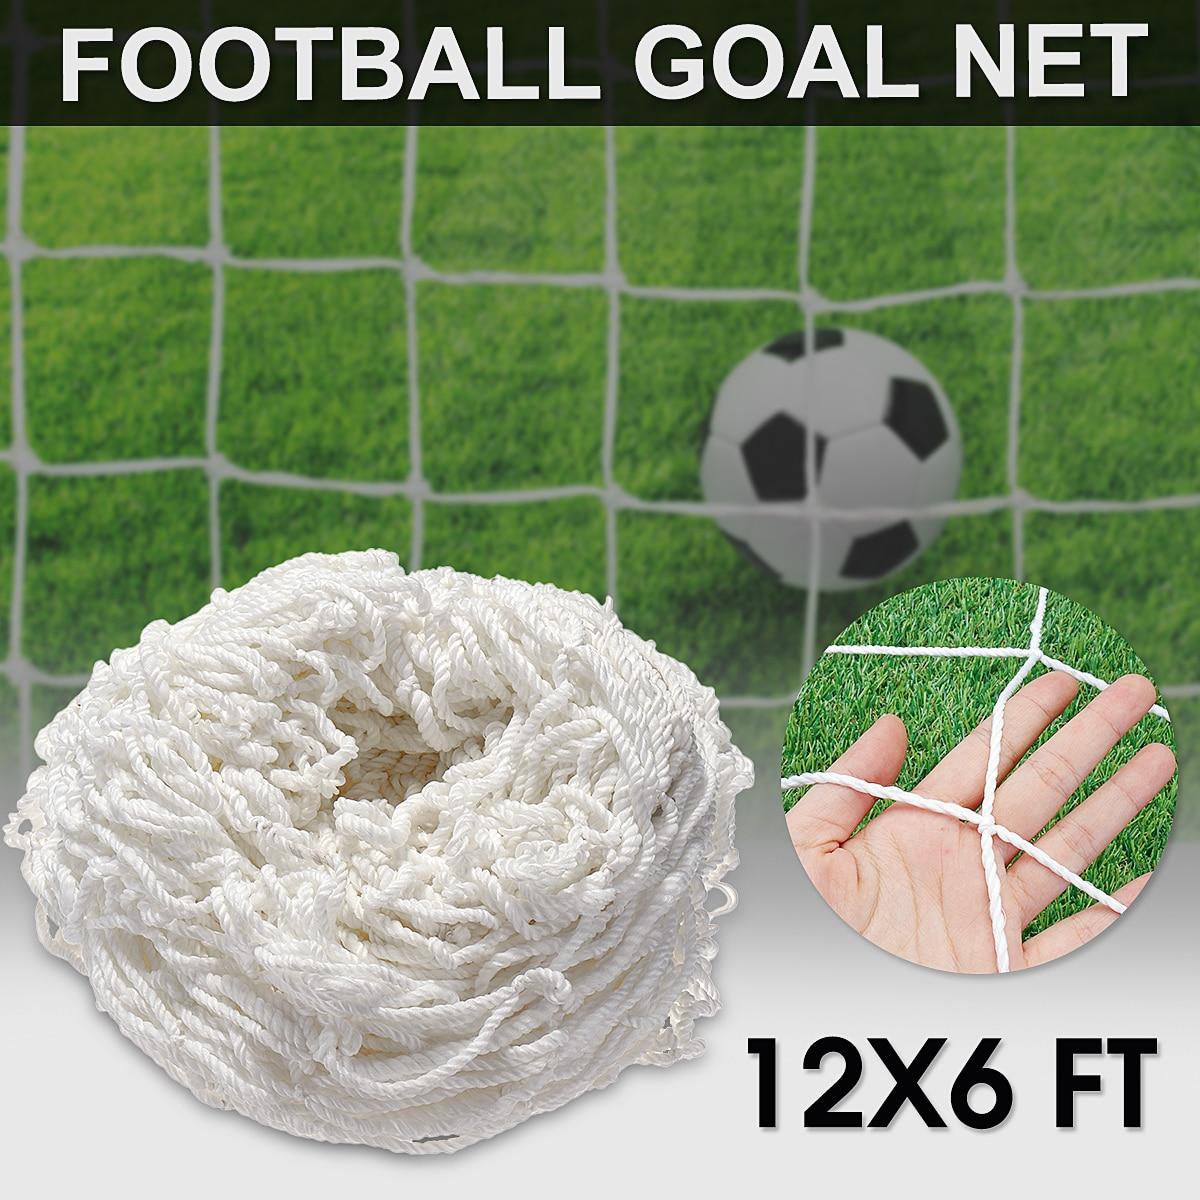 12x6FT Full Size di Calcio di Calcio Goal Post Net Per Gli Sport All'aria Aperta Partita di Formazione Ad Alto Impatto Annodato Doppio In Polipropilene Bianco